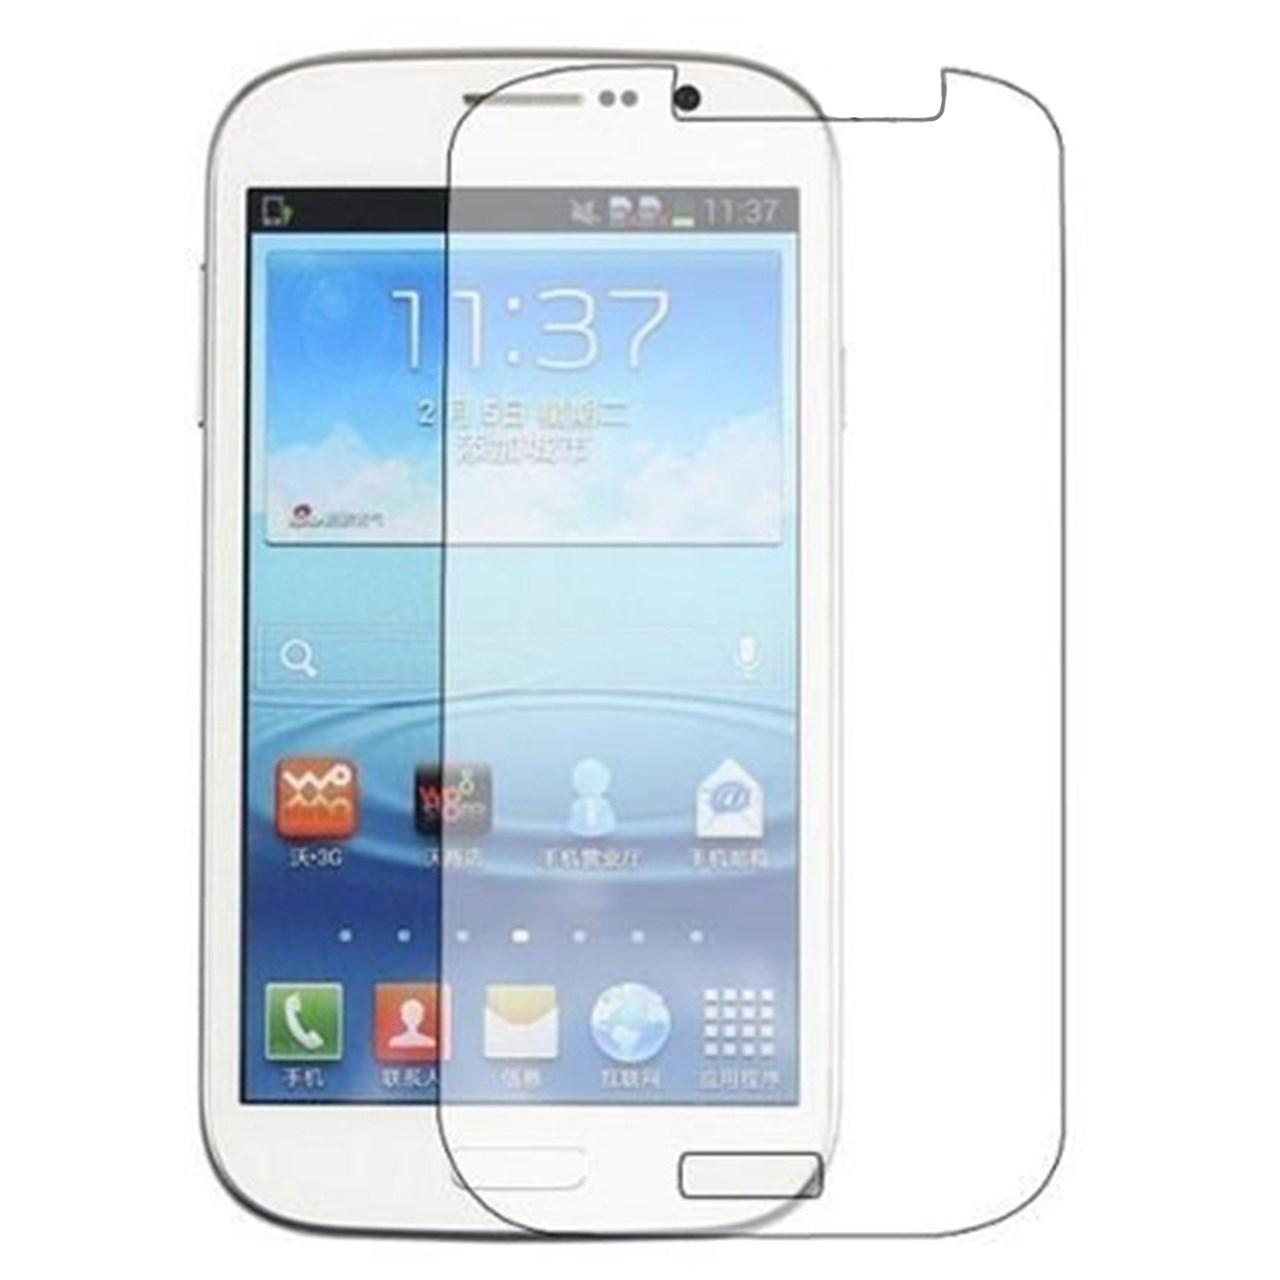 محافظ صفحه نمایش شیشه ای 9 اچ مناسب برای گوشی سامسونگ Galaxy Grand i9082